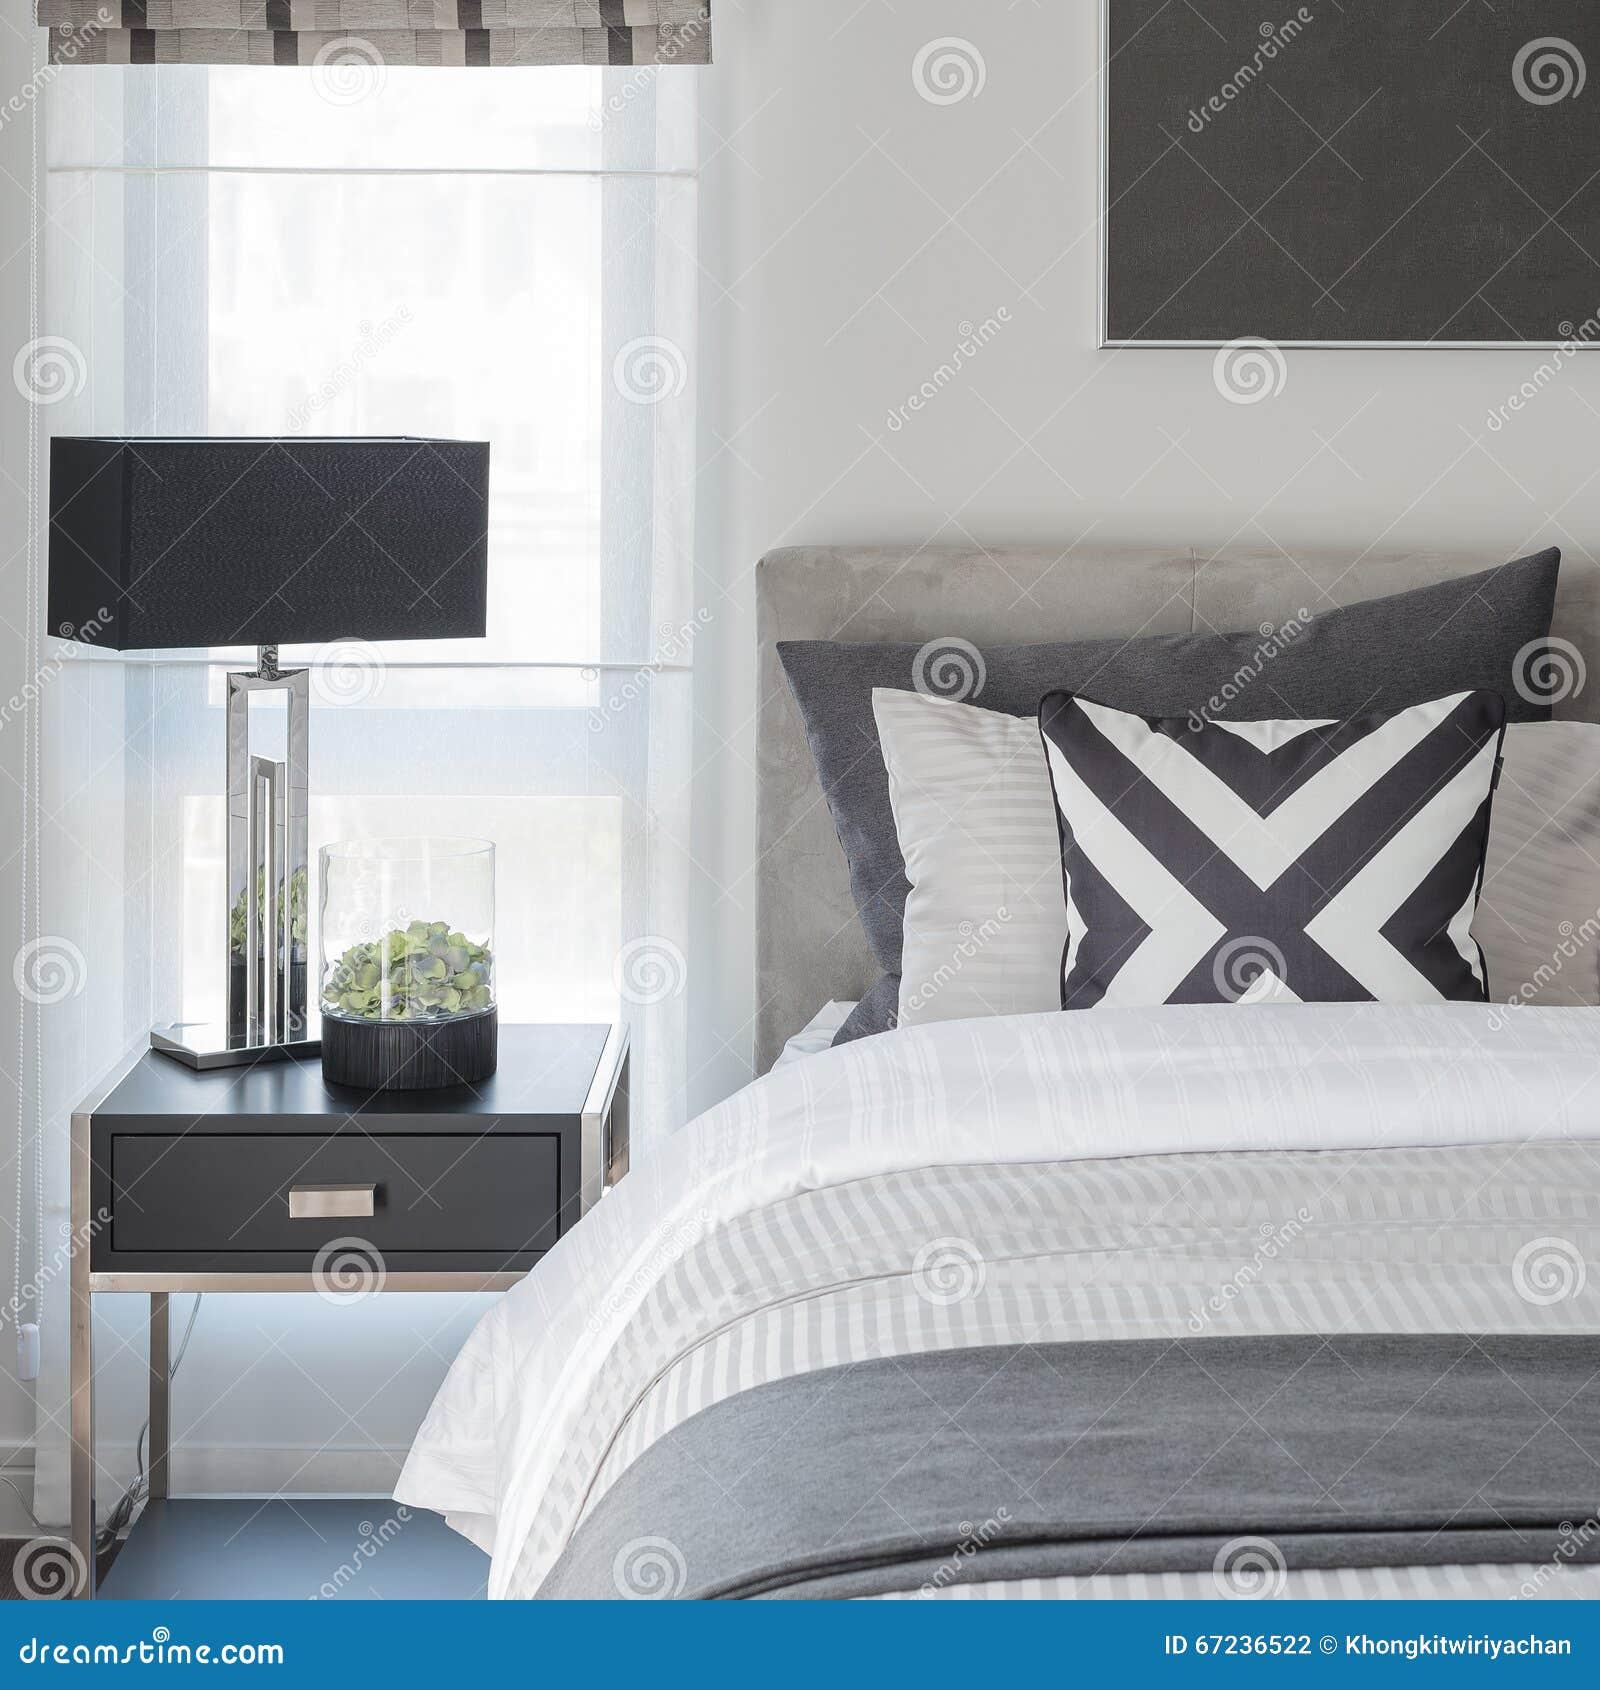 Camera da letto bianca e nera design del for Camera letto design